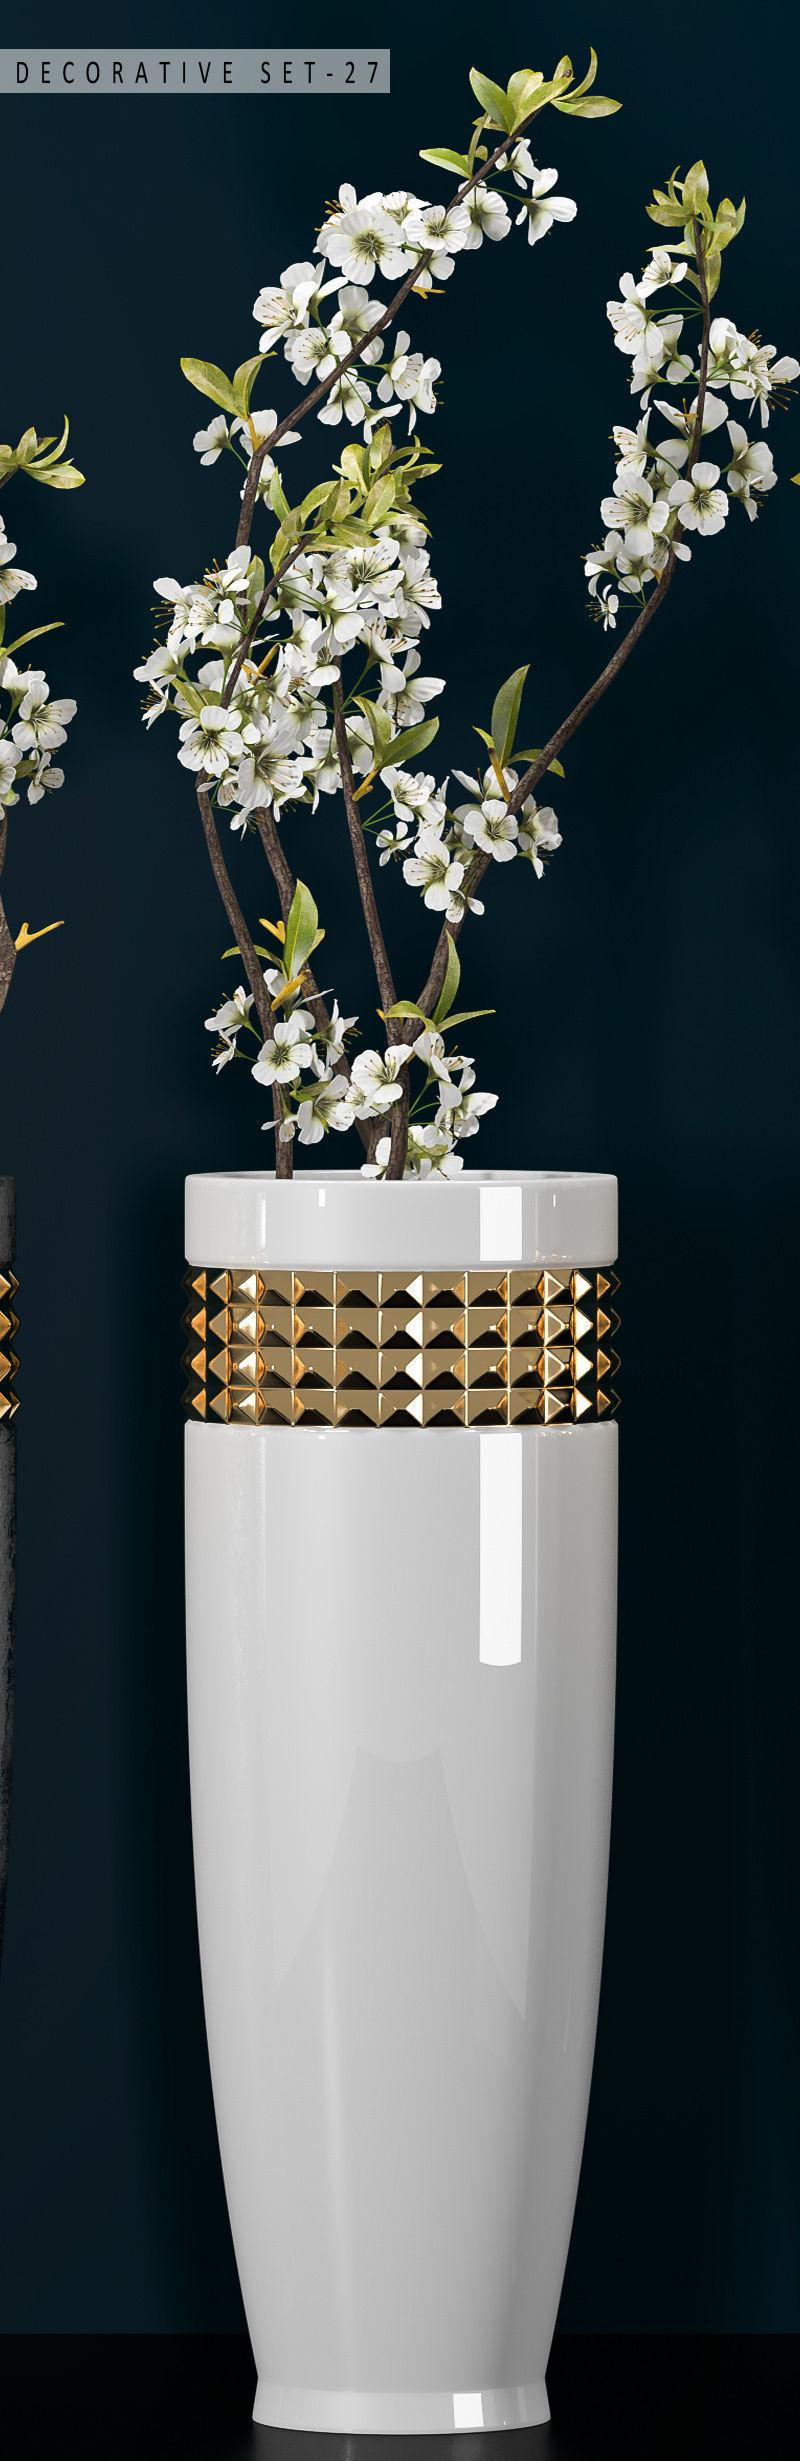 Decorative vase set 27 3d cgtrader decorative vase set 27 3d model max fbx unitypackage 3 reviewsmspy